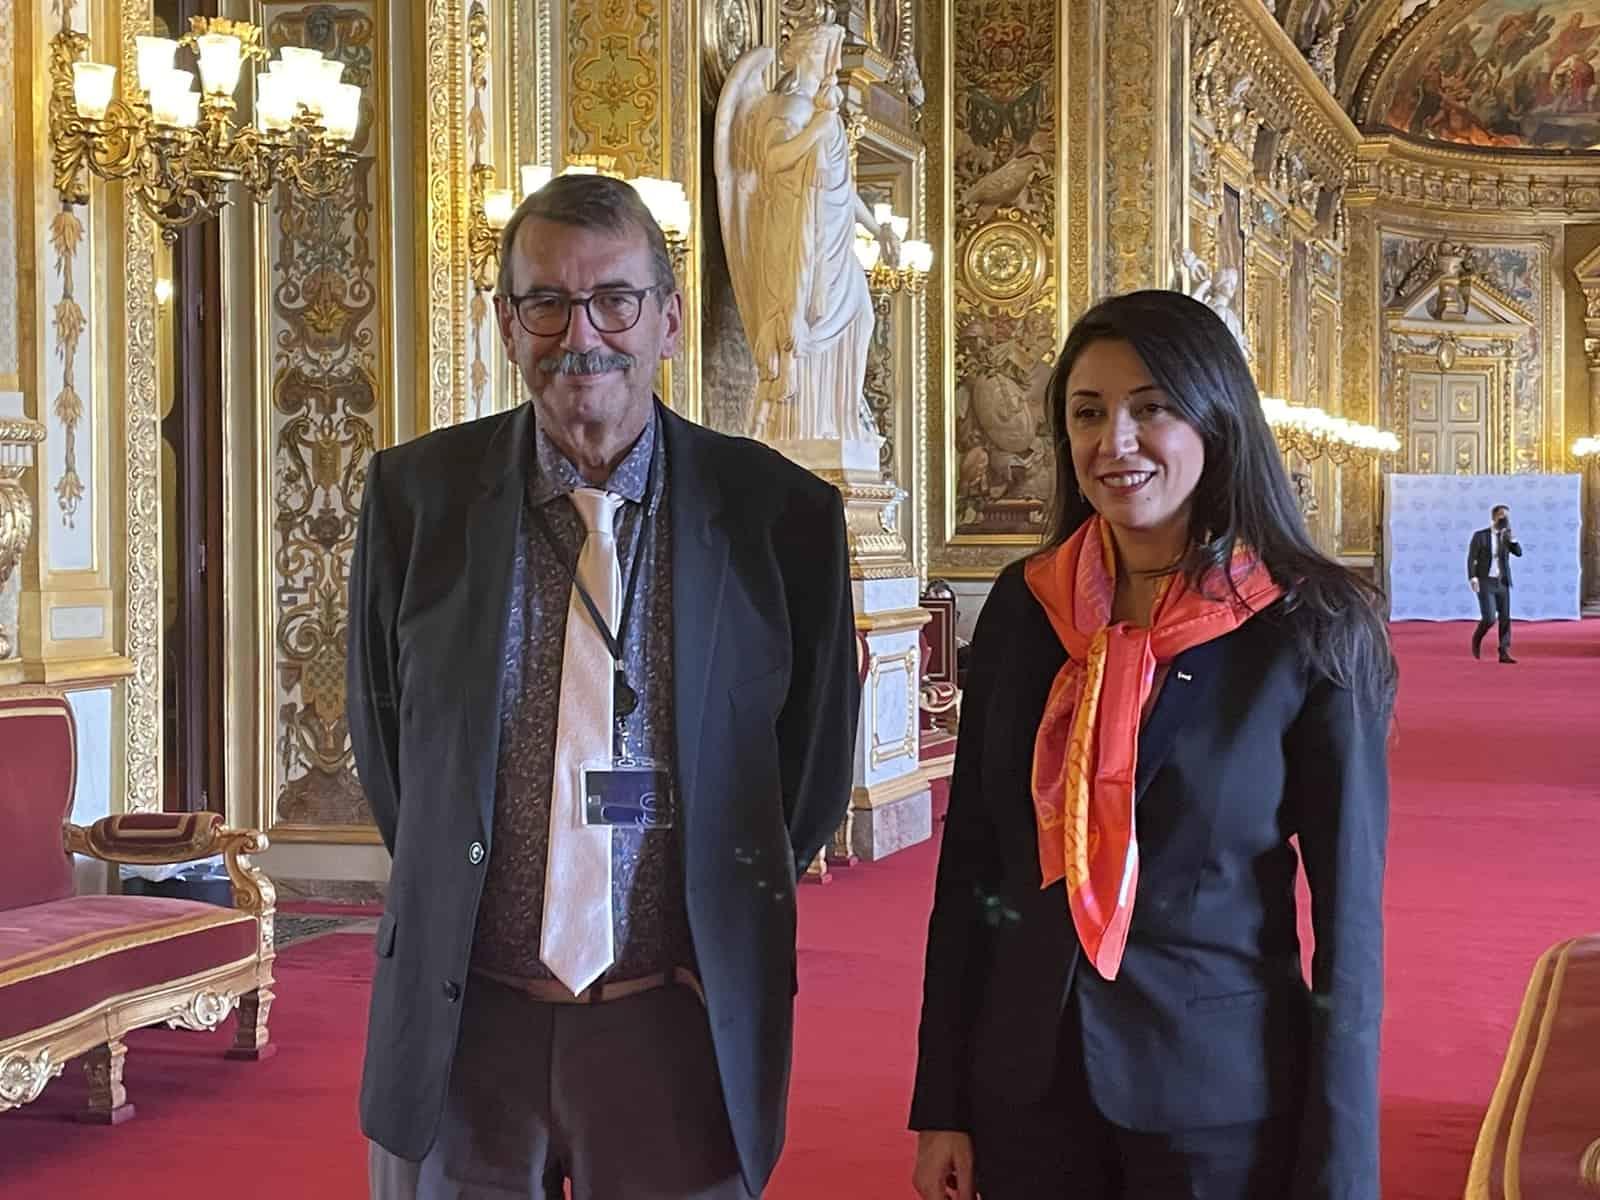 avec-mme-Abou-Hassira-ambassadrice-de-Palestine